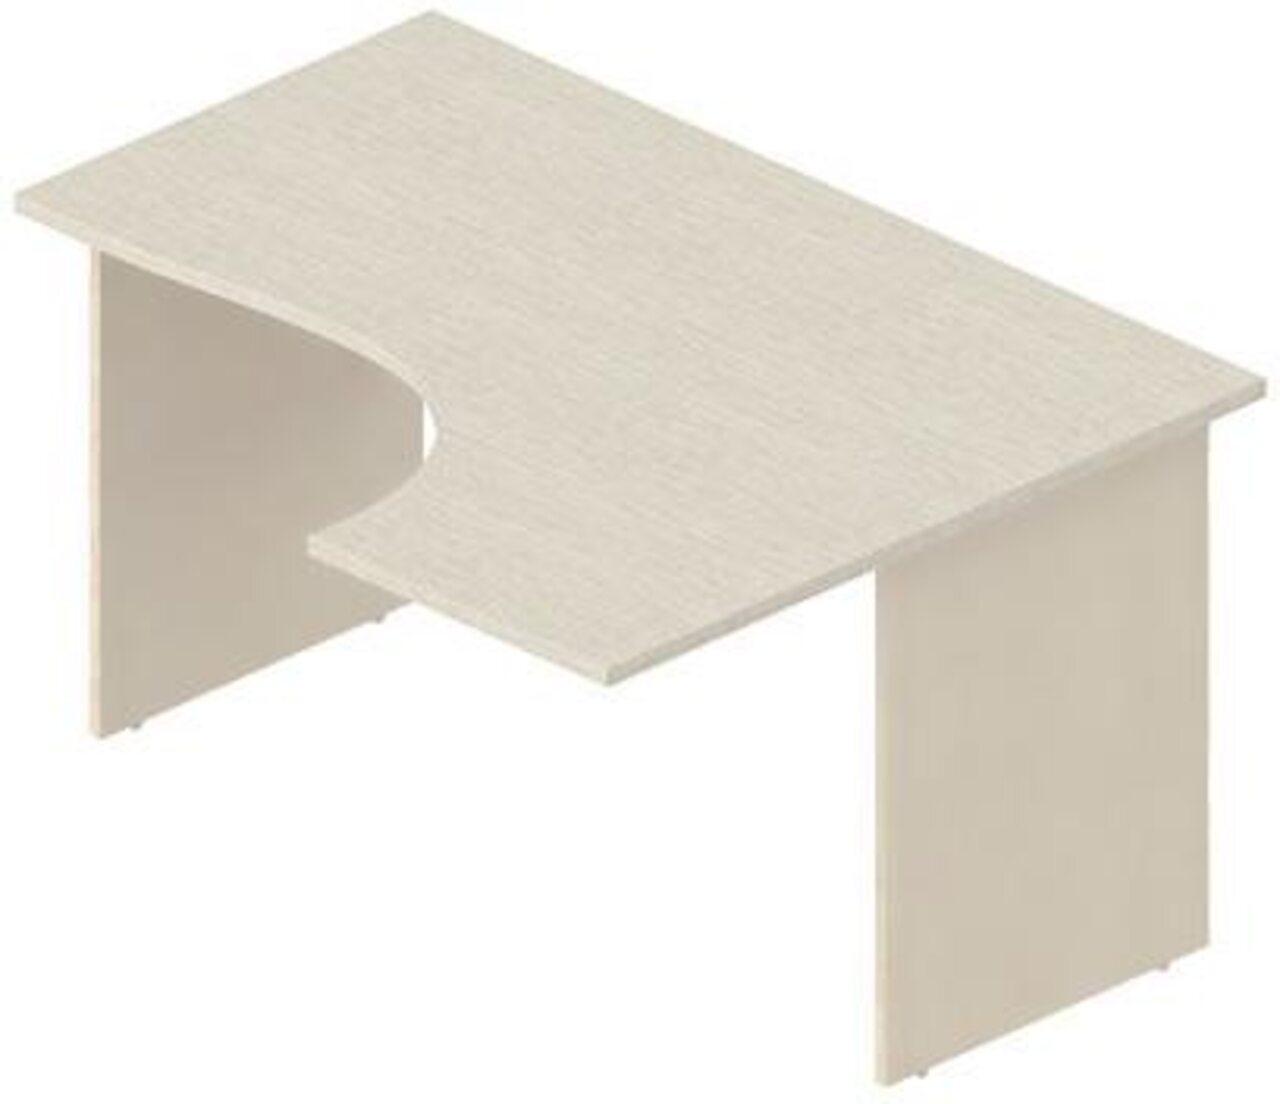 Стол интегральный правый - фото 3